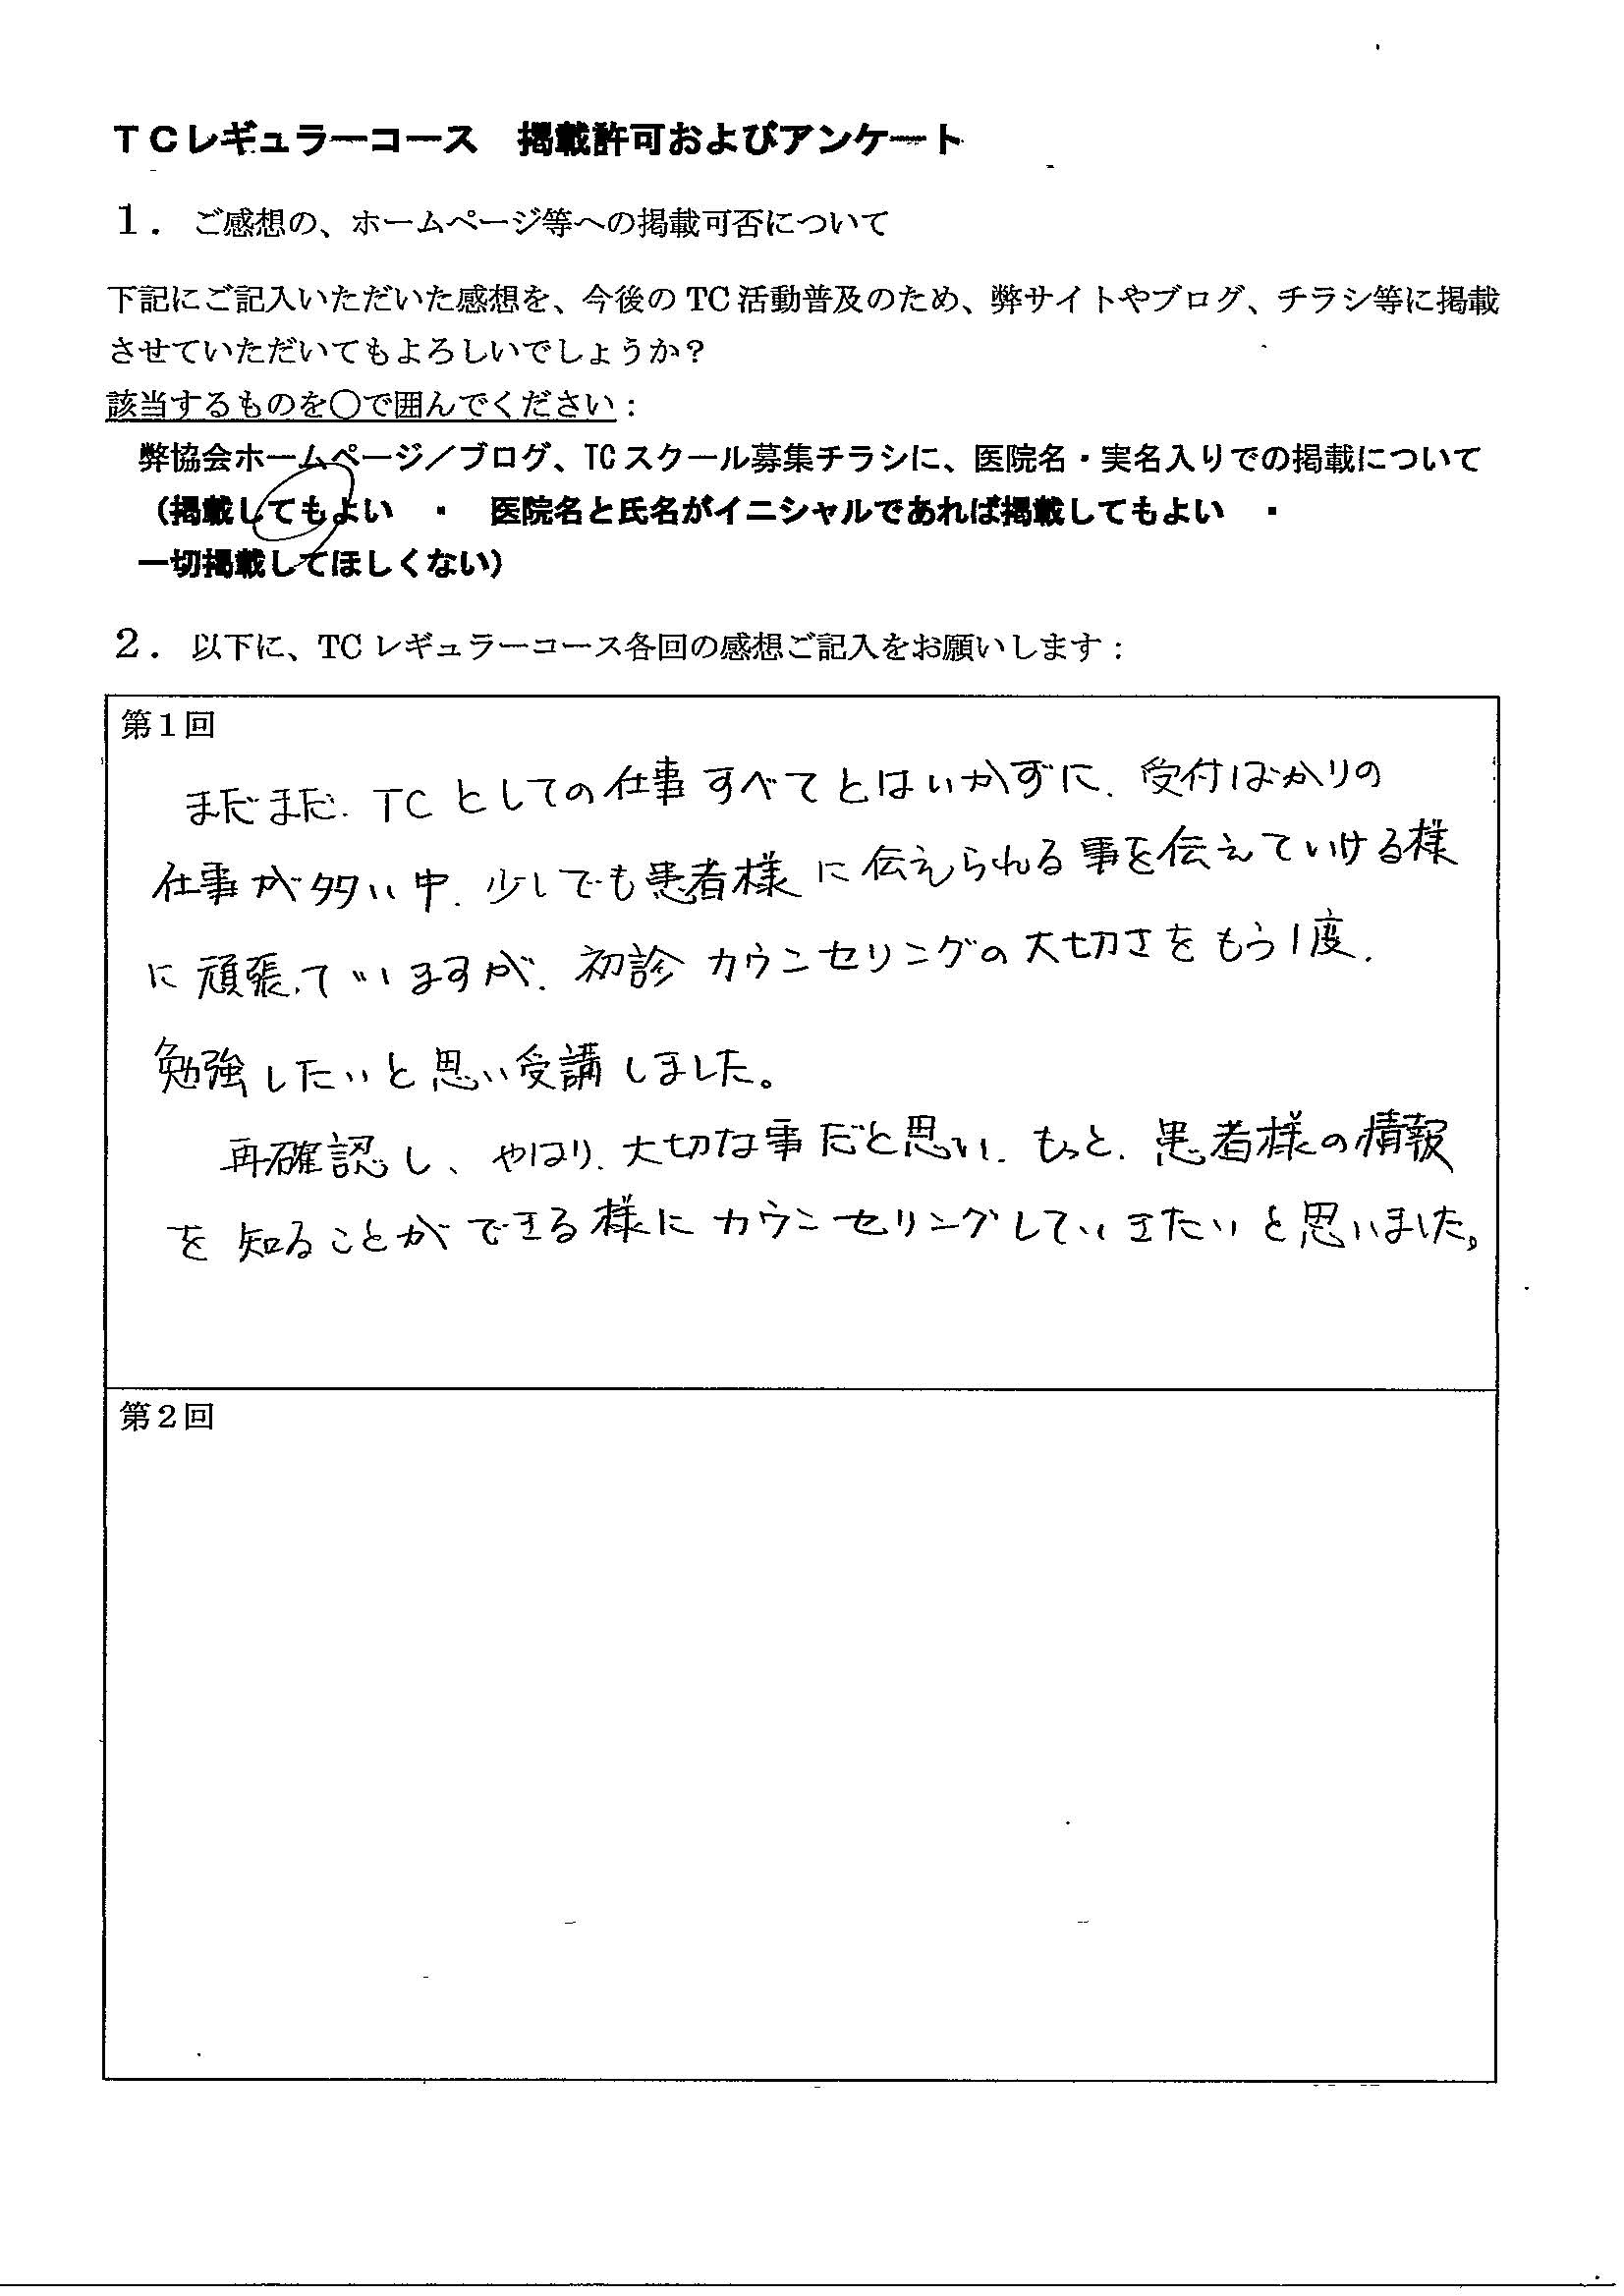 髙倉 千恵子様アンケート